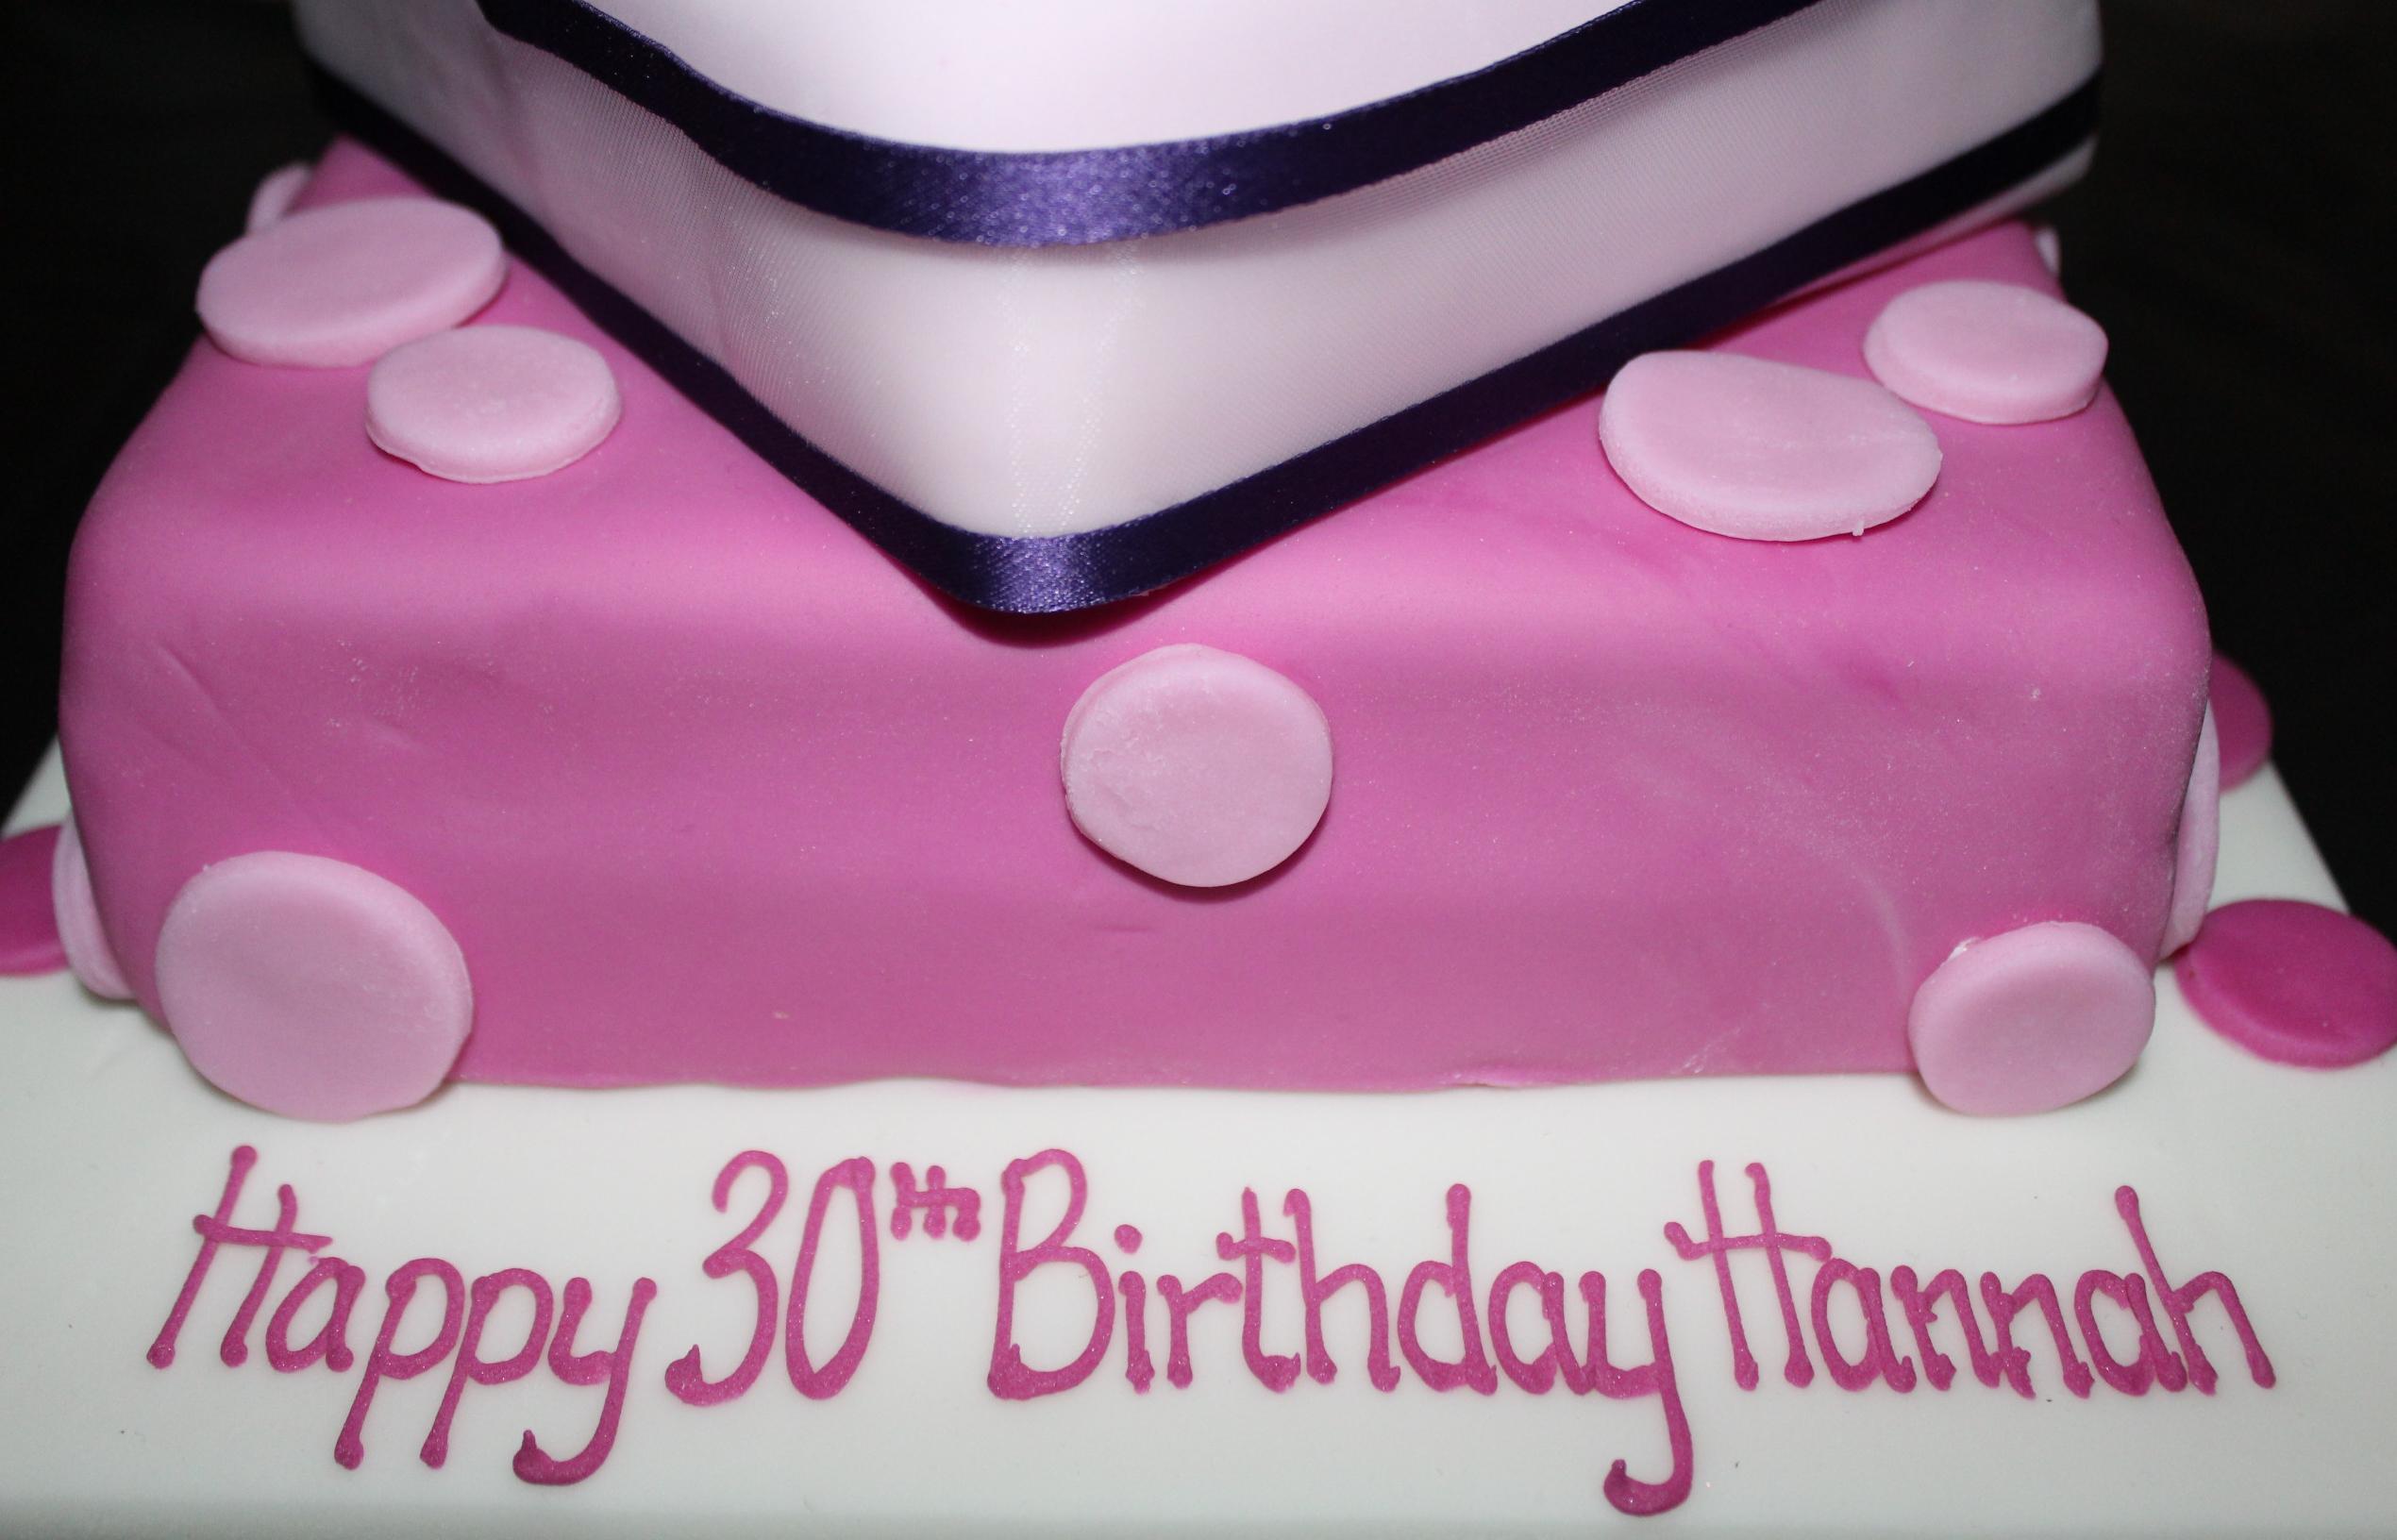 Hannah's 30th